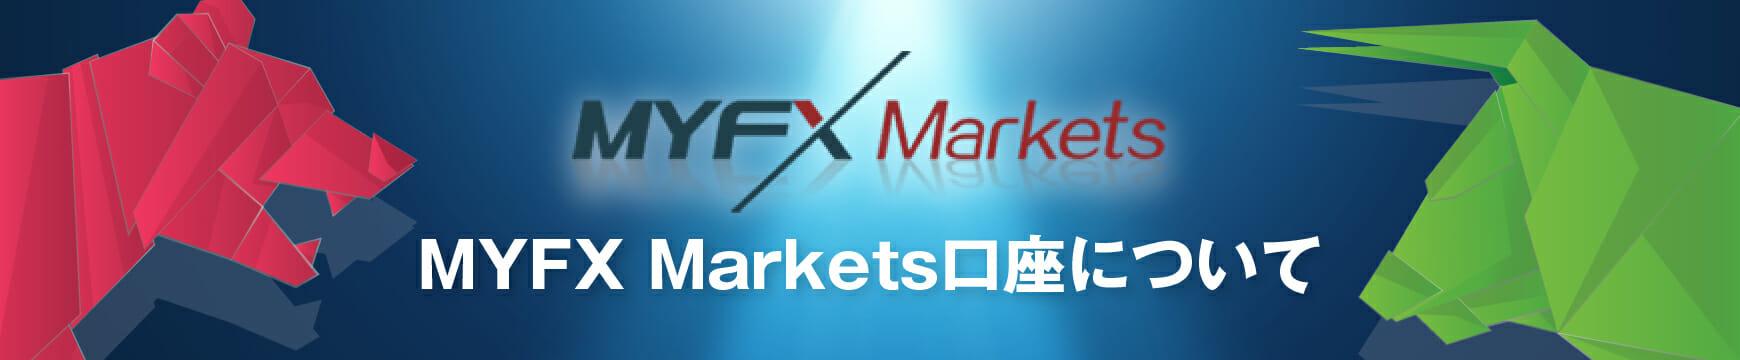 MYFX Marketsの口座開設はありかなしか?日本語で徹底解説!